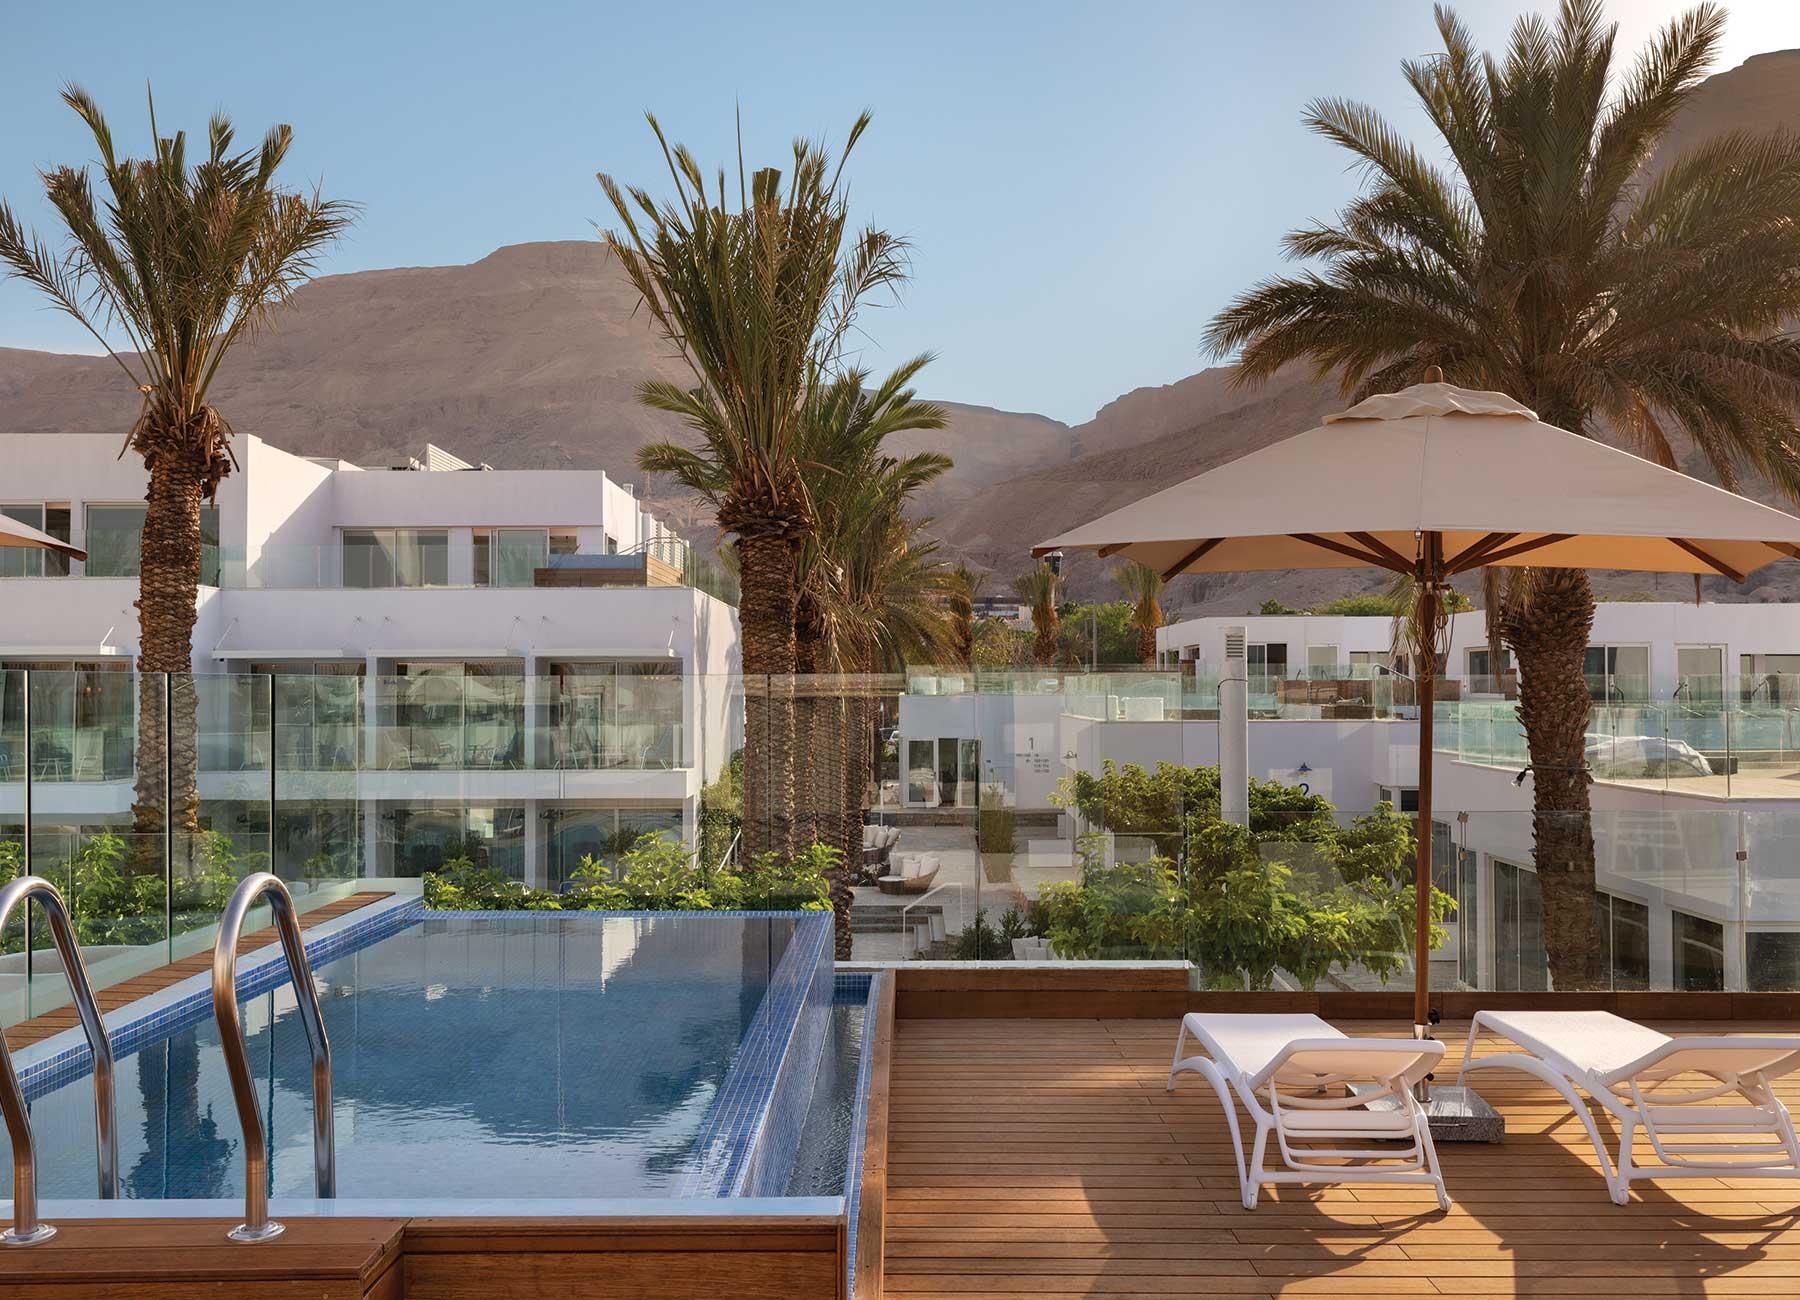 חדר עם בריכה פרטית במלון מילוס ים המלח